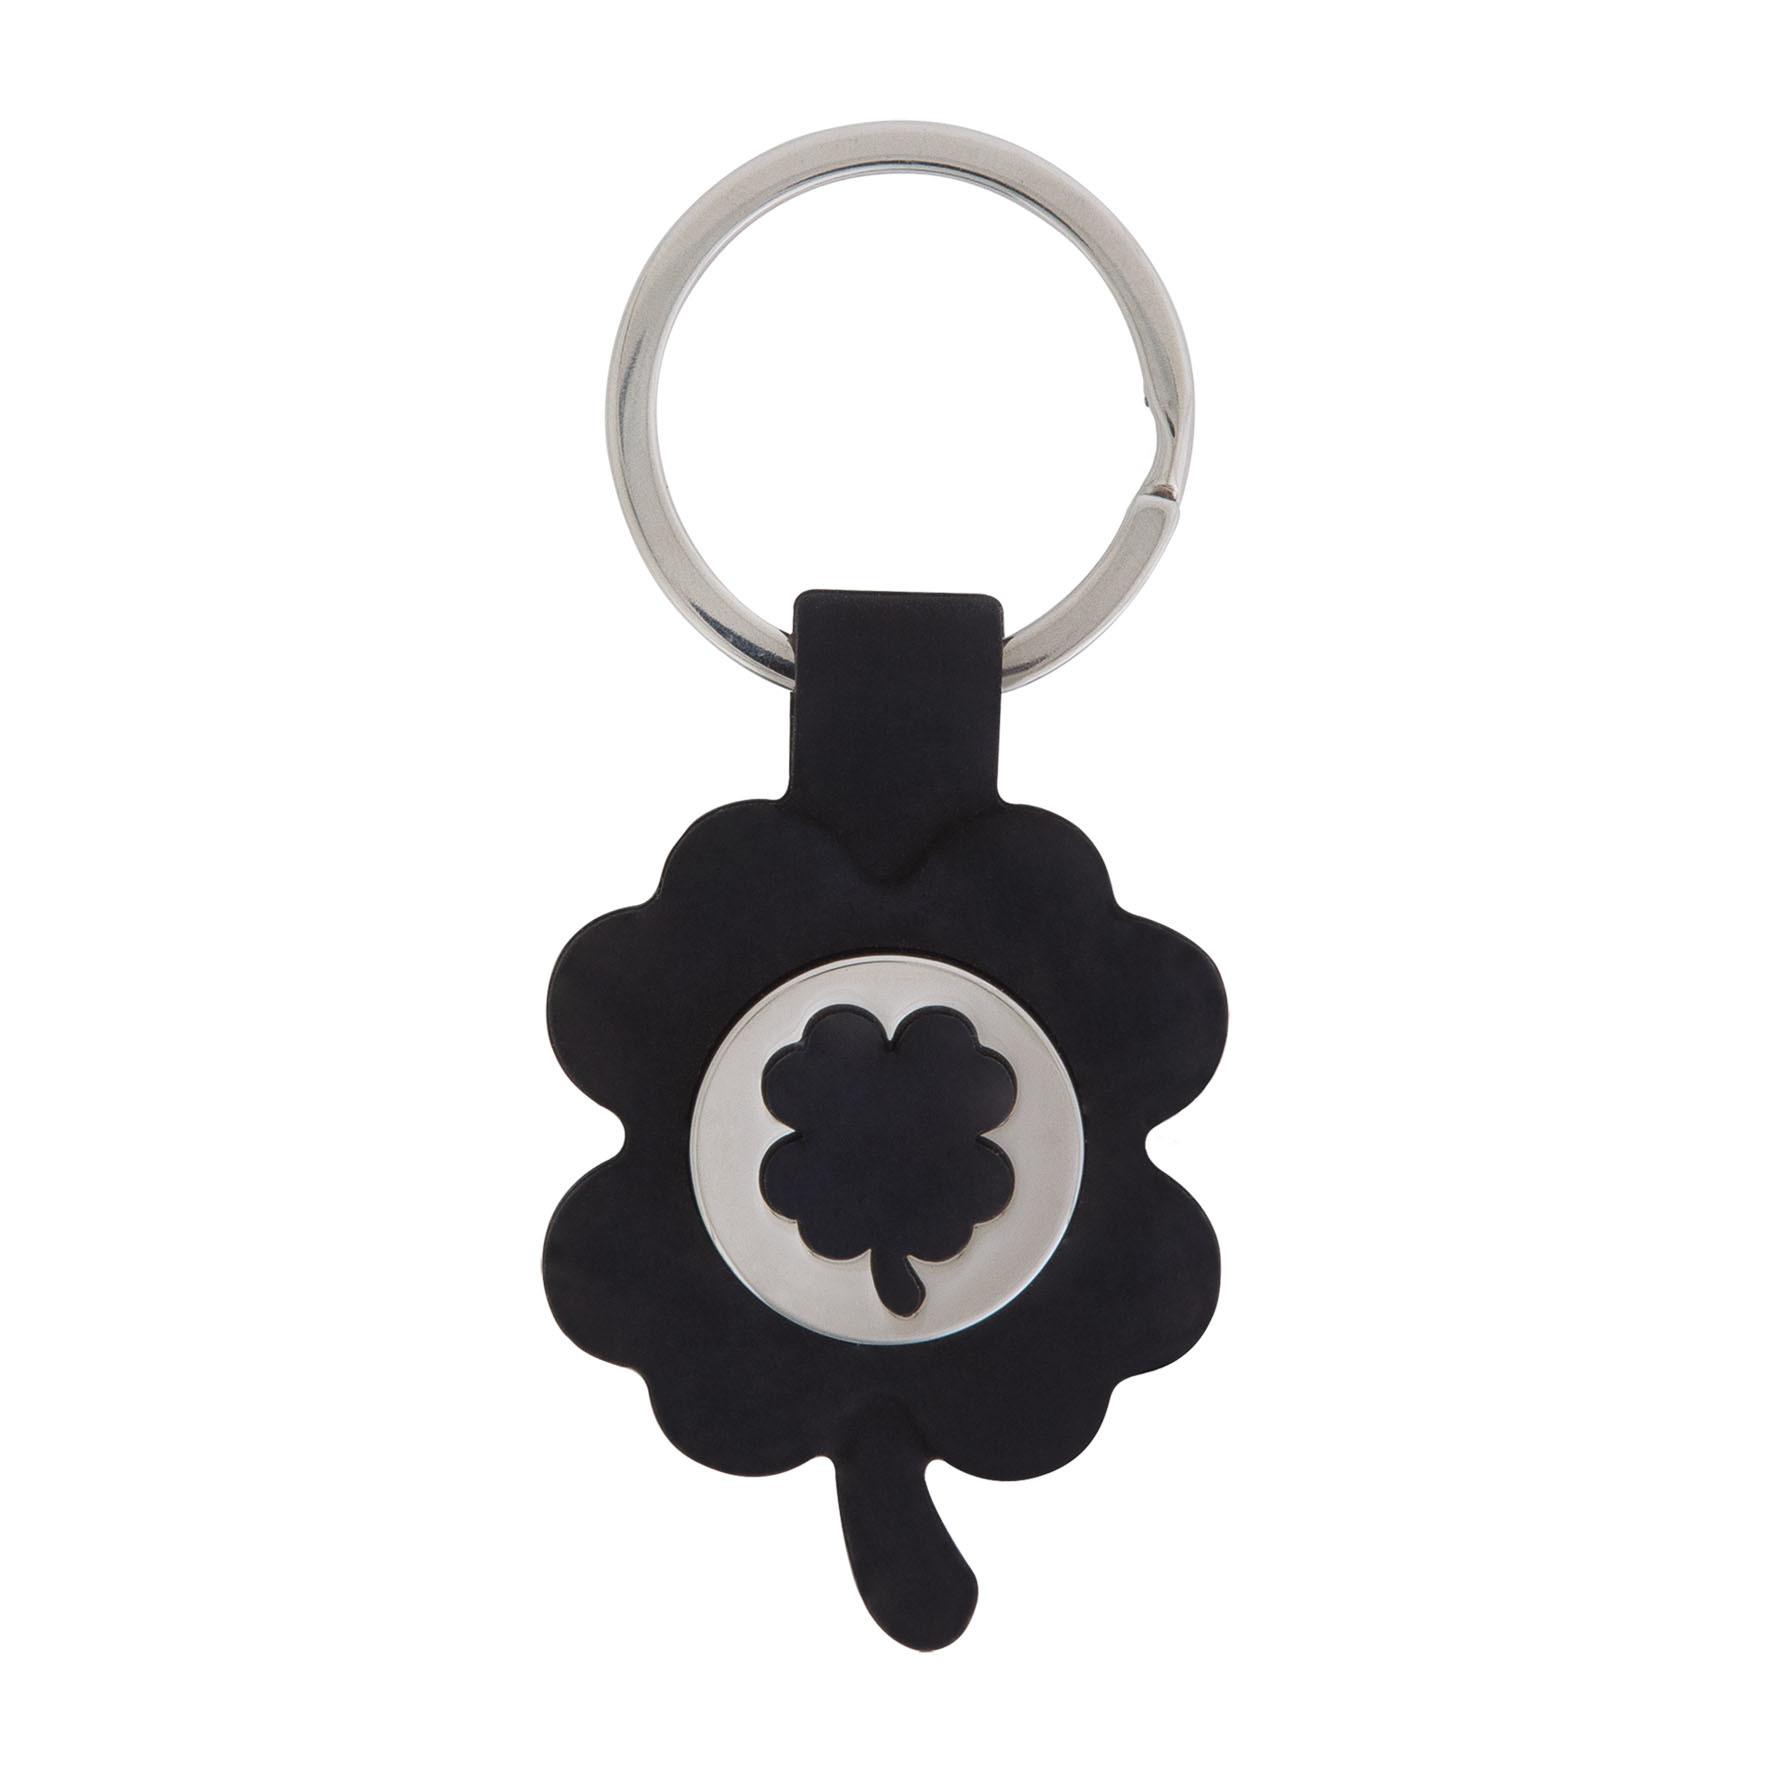 Porte-clés porte-bonheur - 22-1215-11